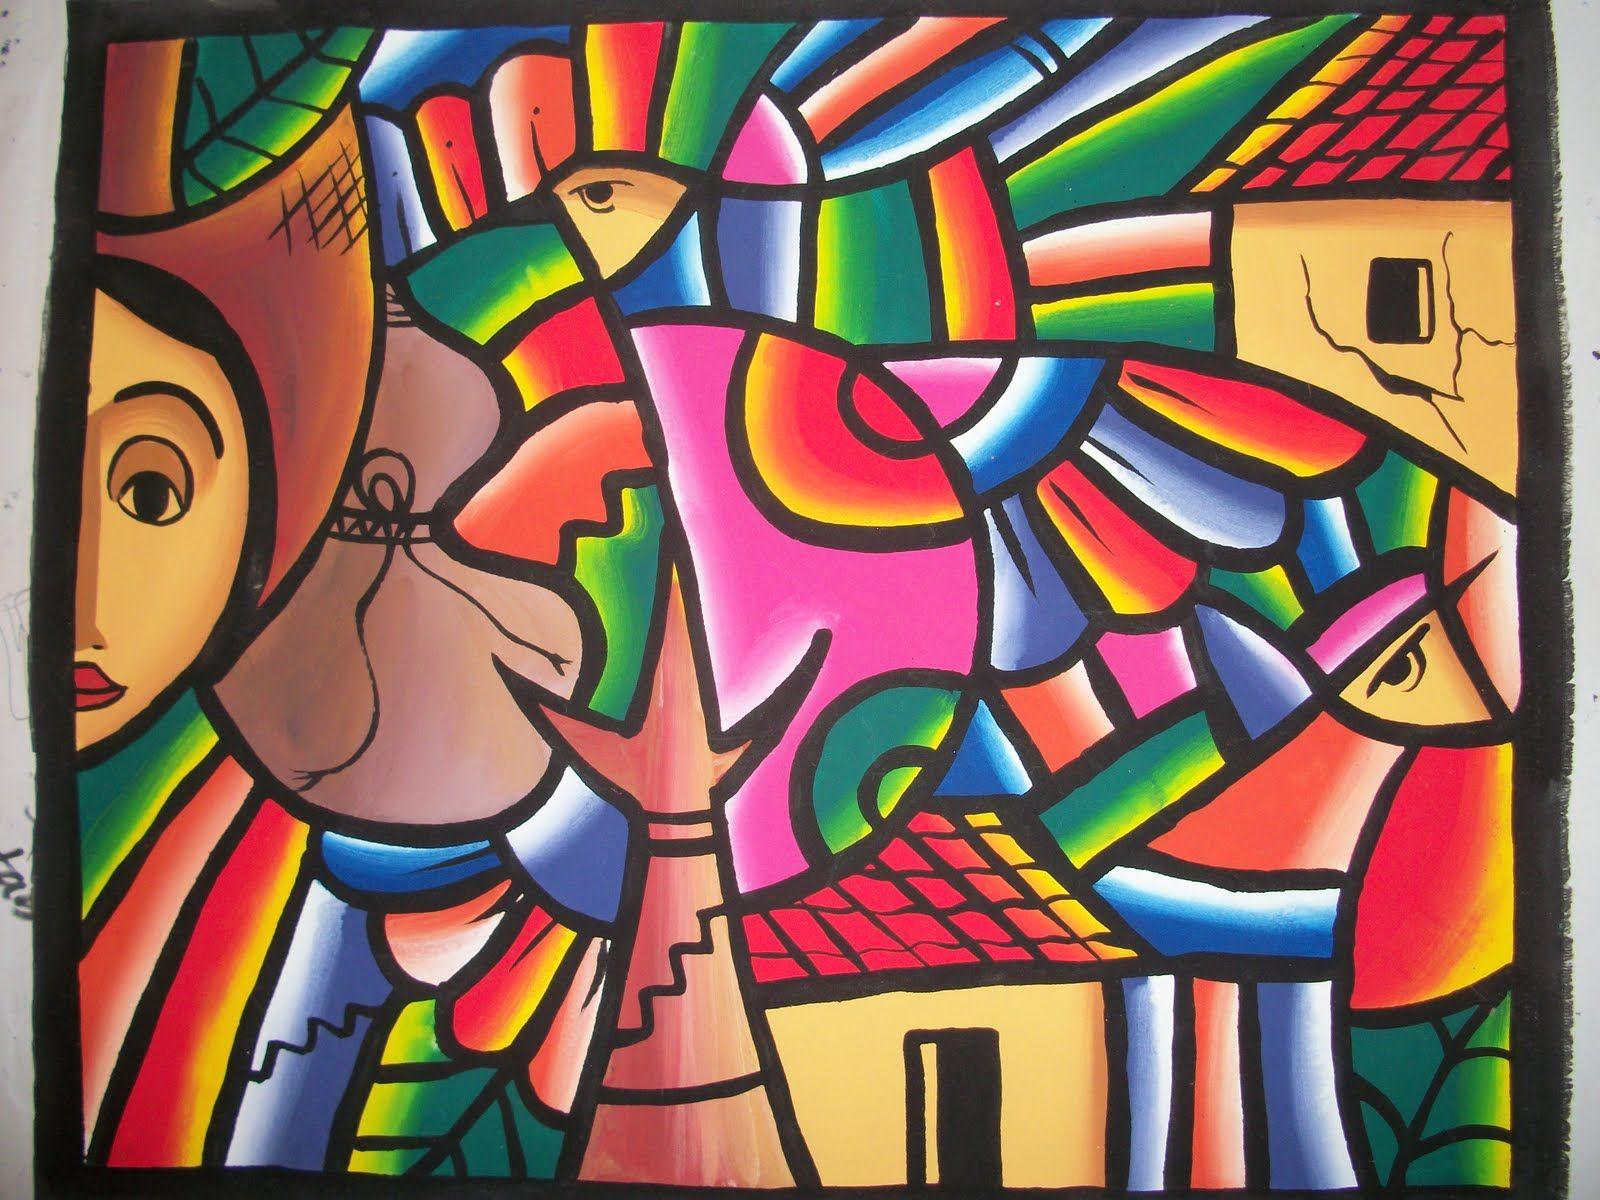 Fernando Llort Obras Buscar Con Google Pinturas Arte Naif